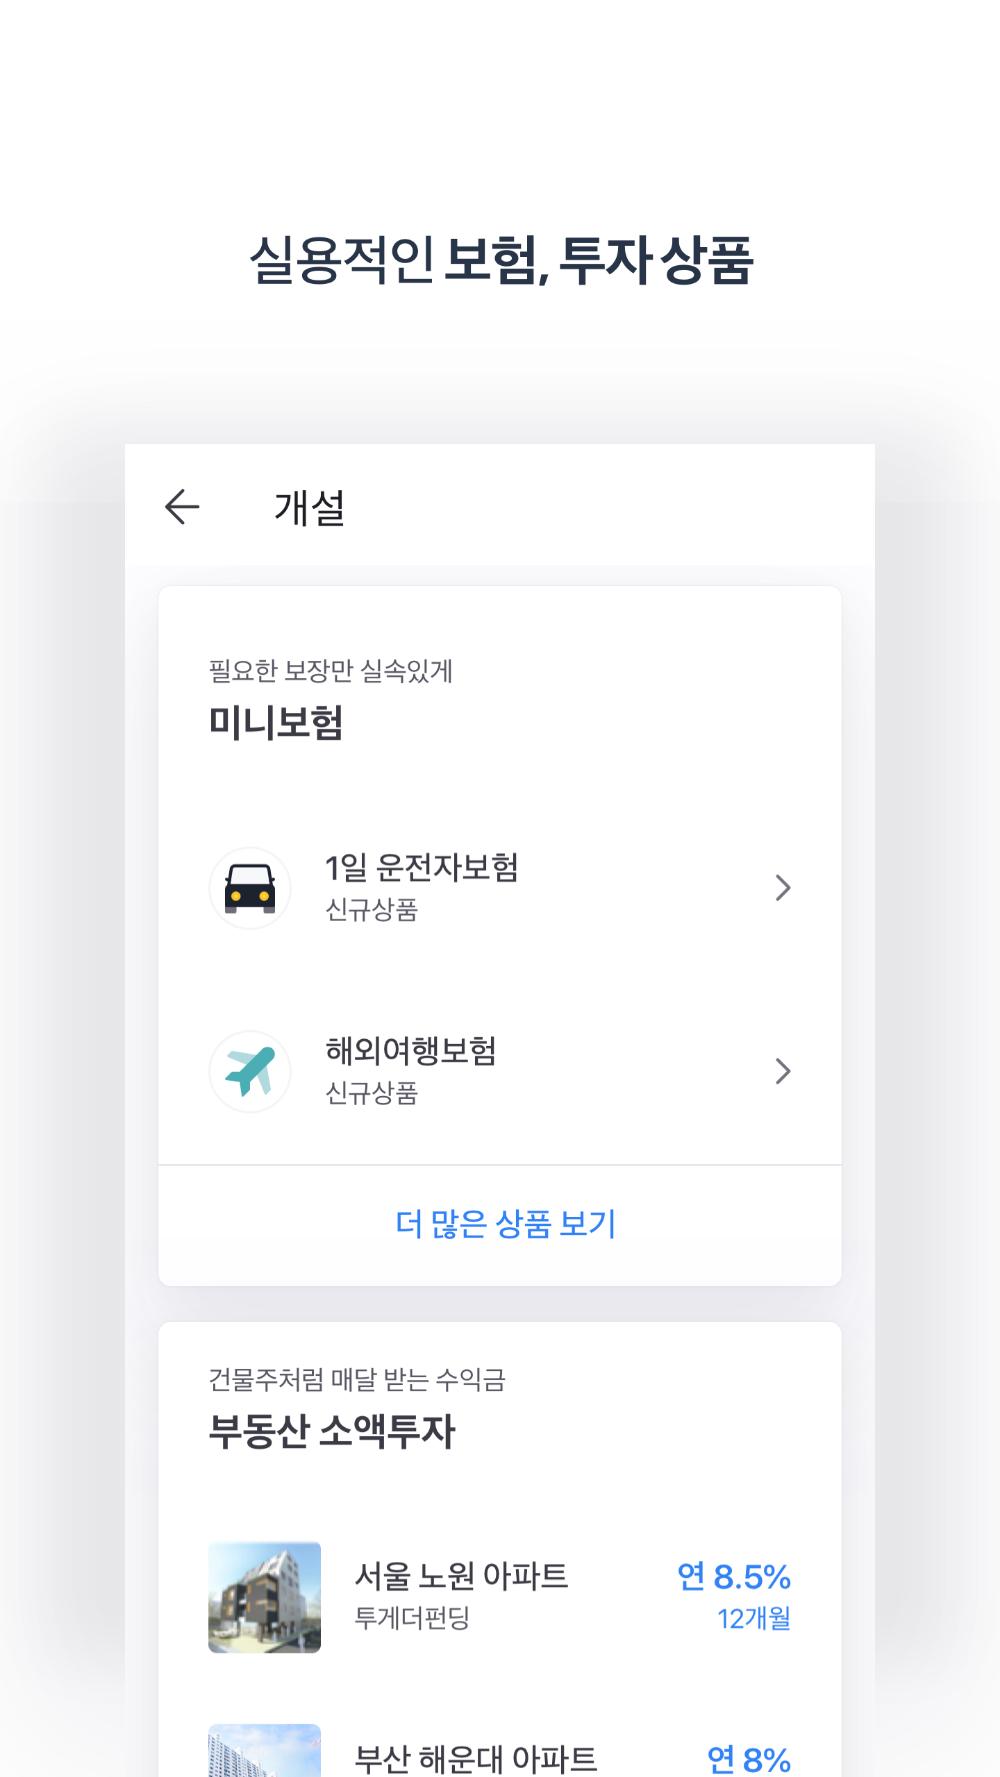 토스 Google Play 앱 앱, 금융, 카드